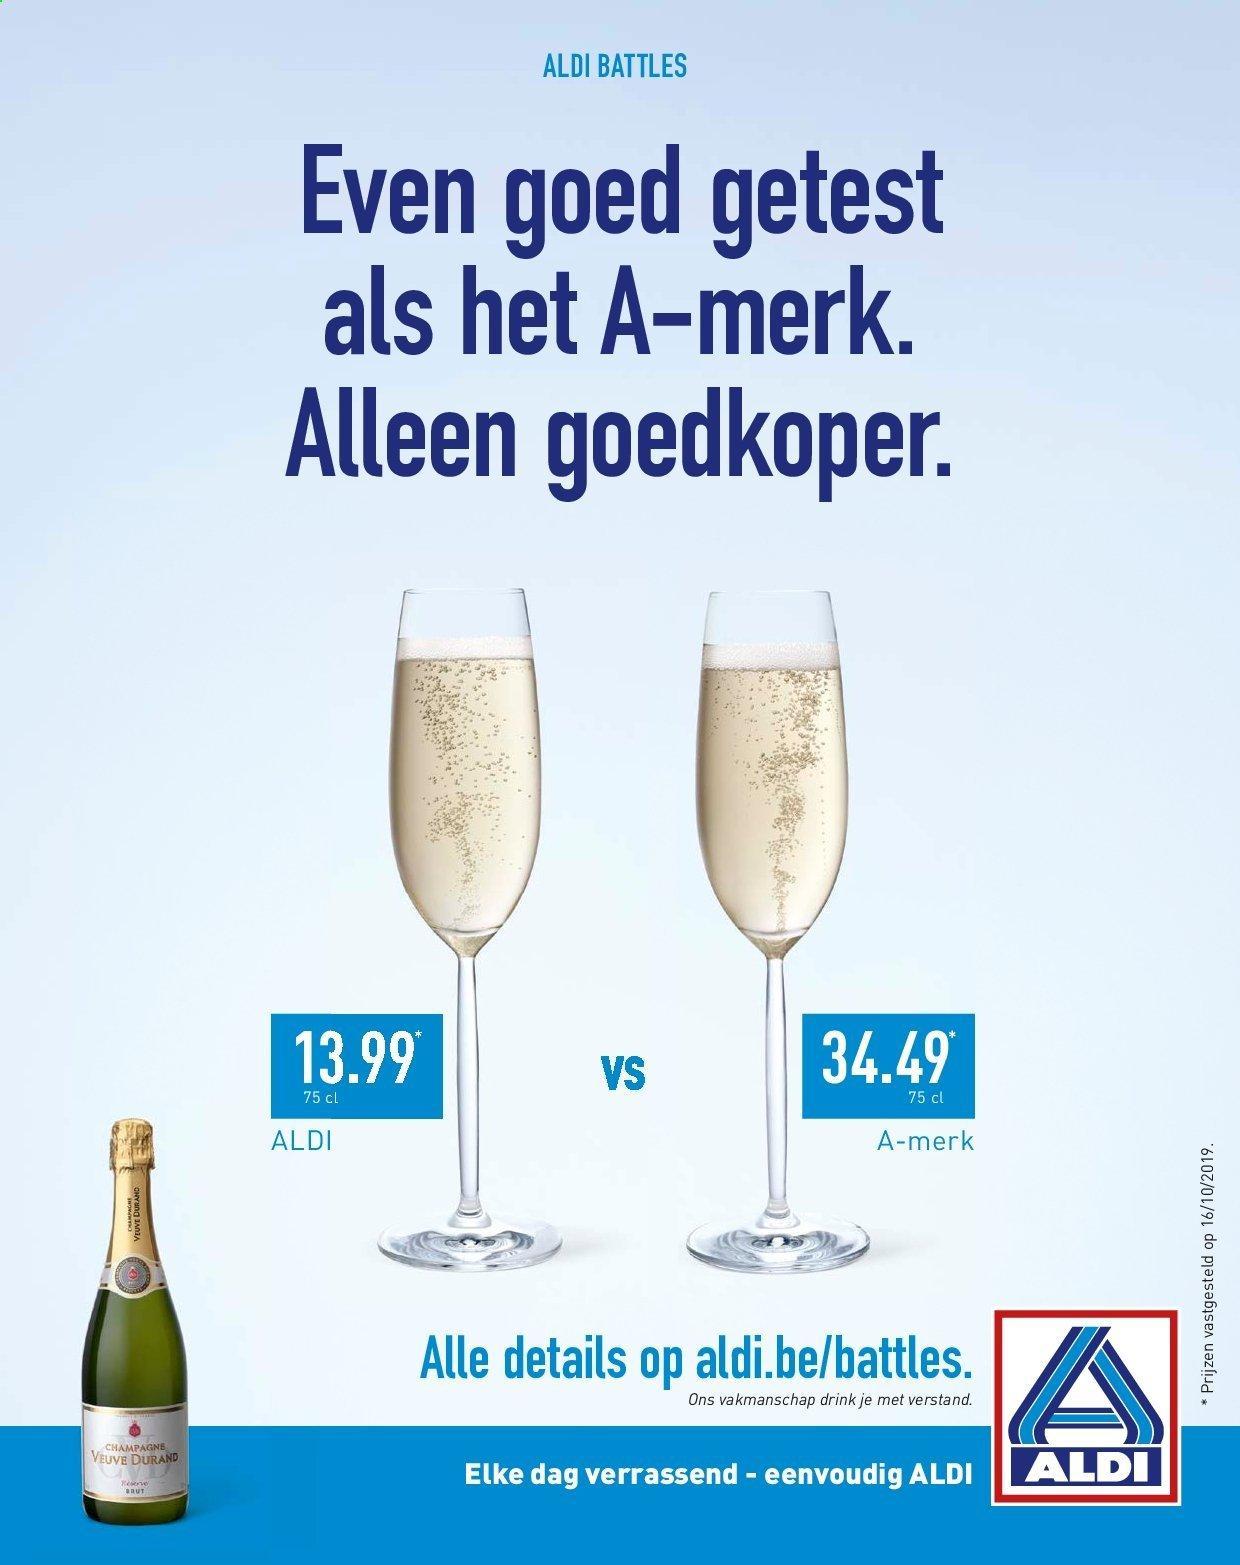 Marketingstrategie van Aldi is door te vergelijken met een ander A-merk